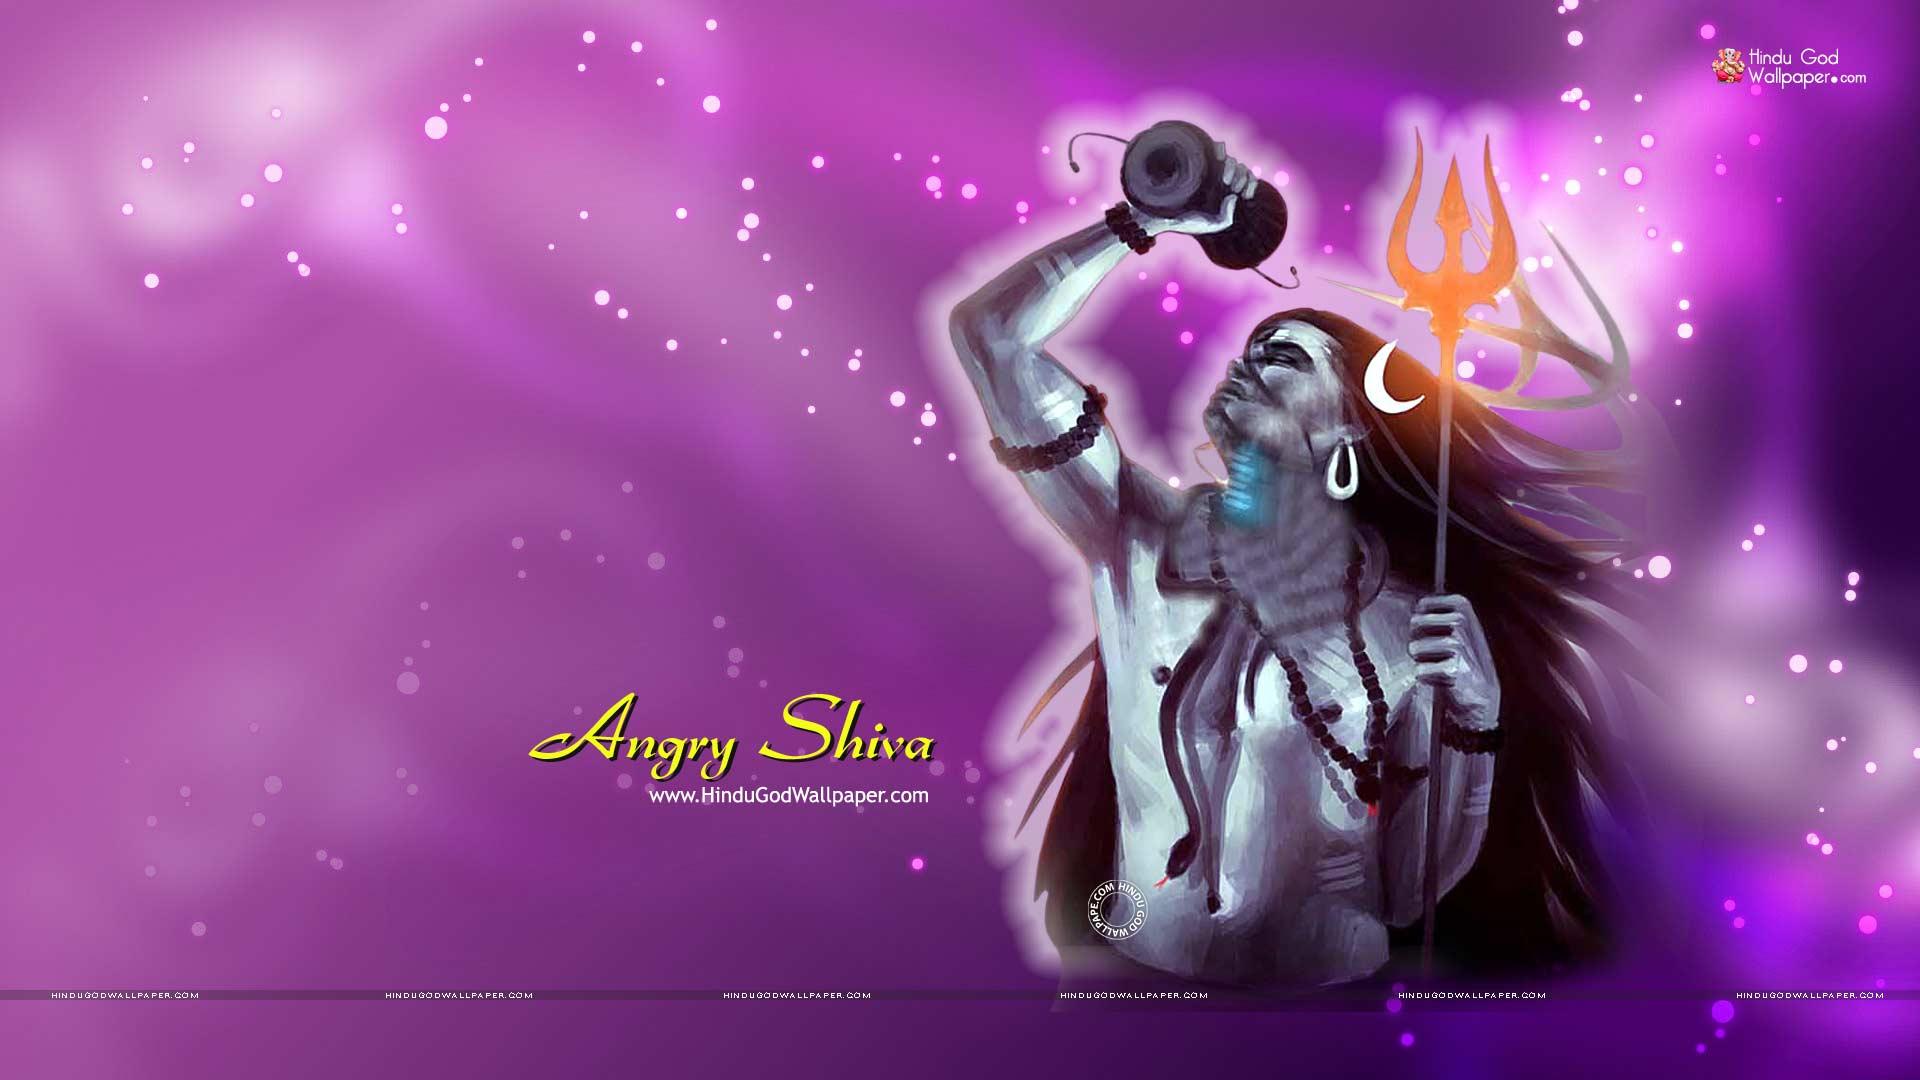 1920x1080 Angry Shiva HD Hình nền 1080p Hình ảnh Kích thước đầy đủ Miễn phí - Chúa